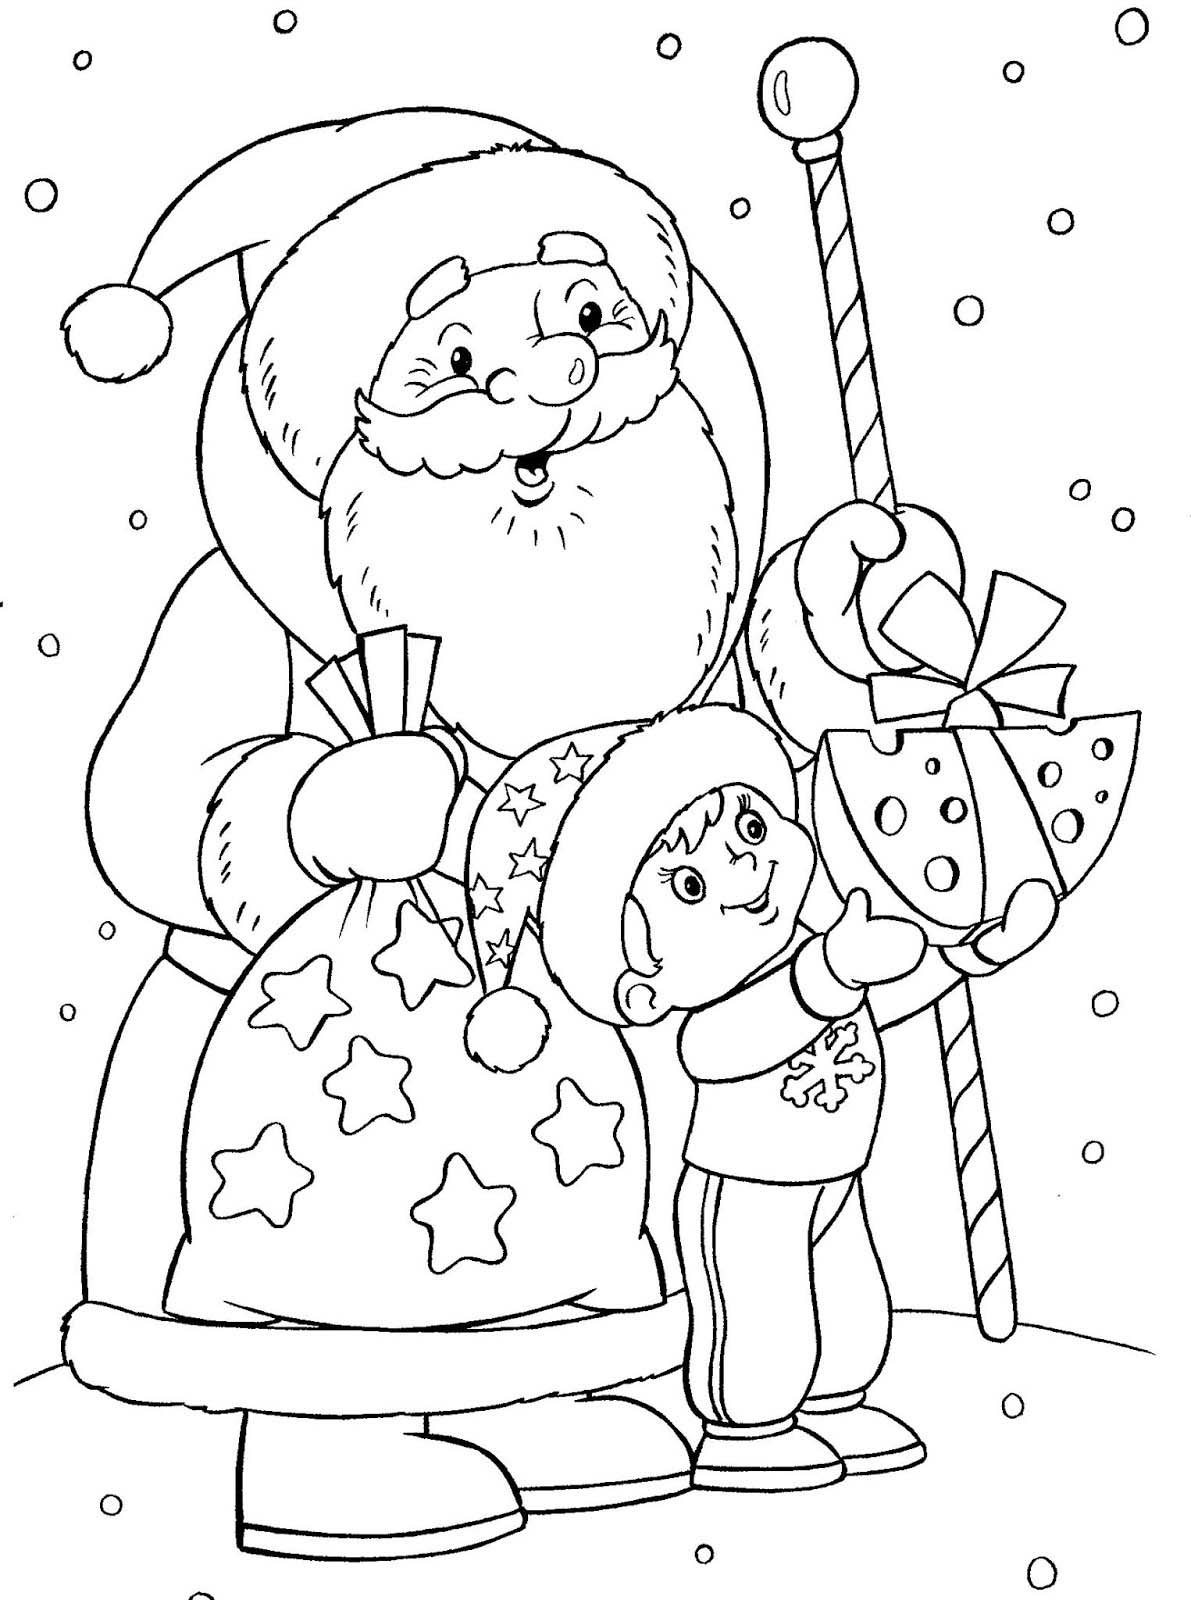 Tranh tô màu ông già Noel tặng quà cho bé